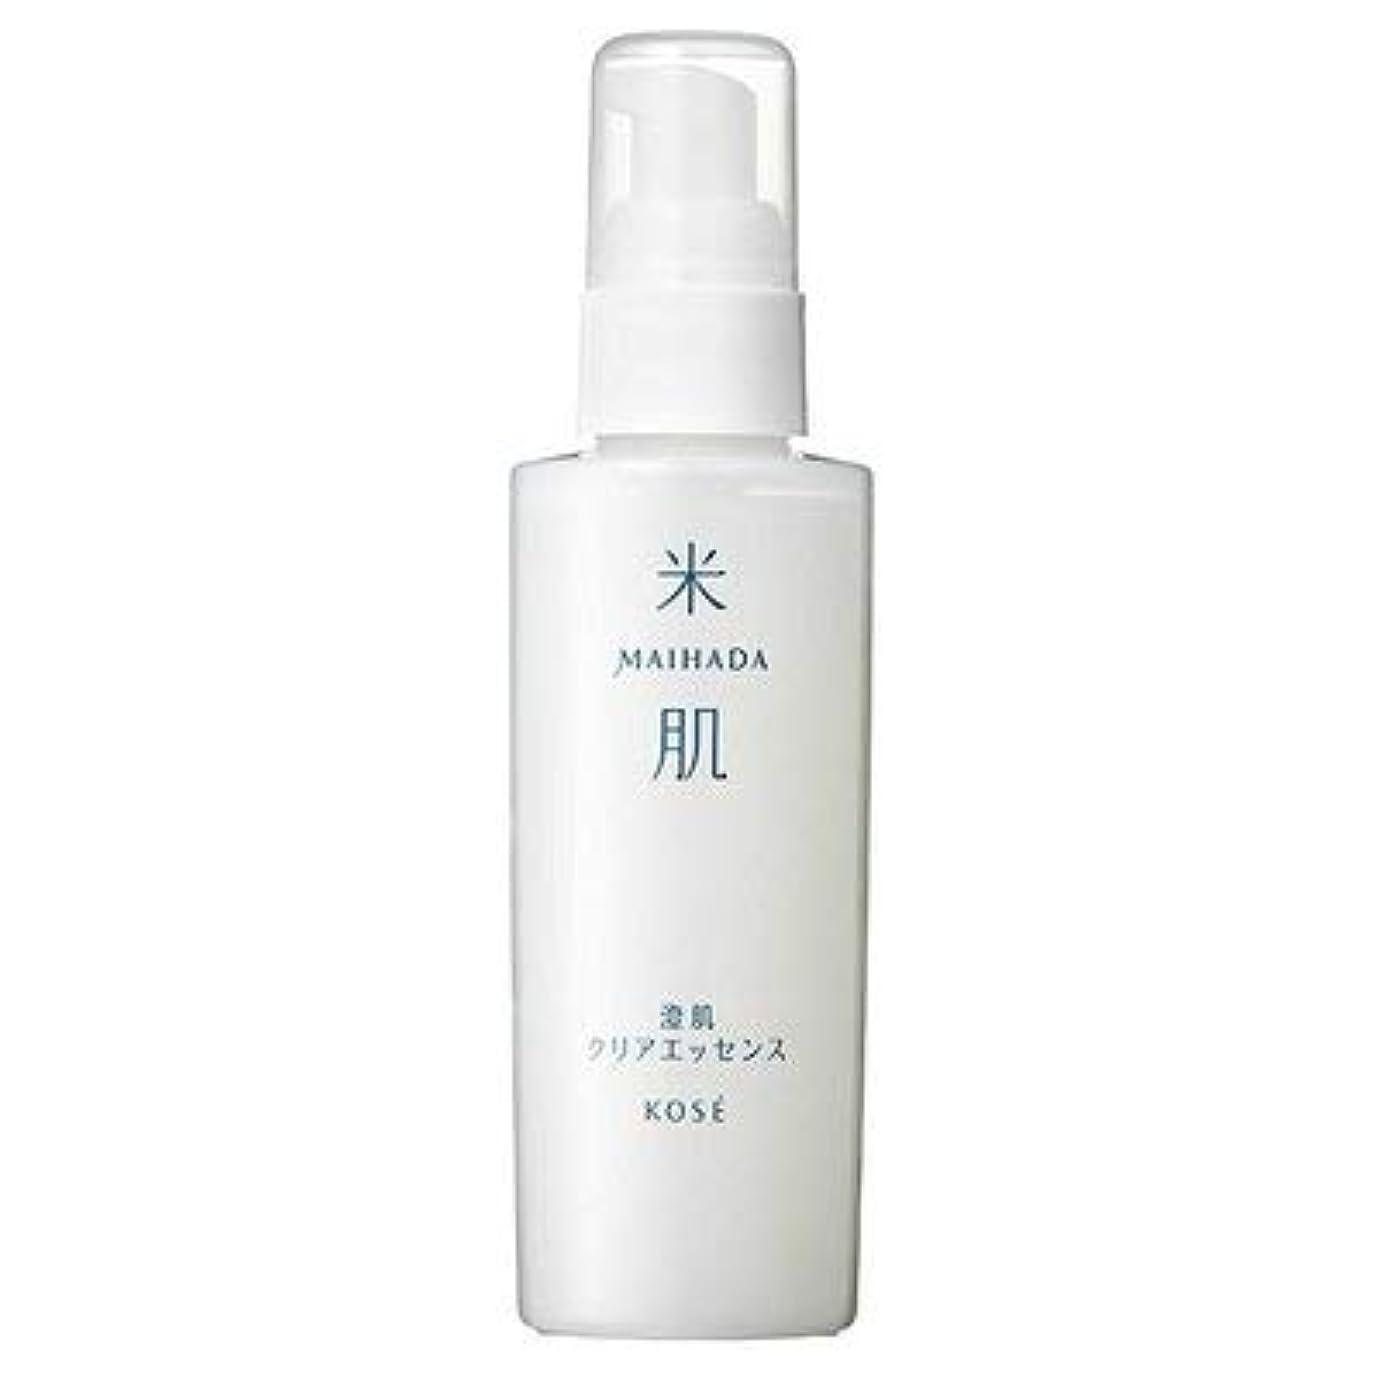 鑑定句窓を洗う米肌 澄肌クリアエッセンス(本体/無香料) 美容液